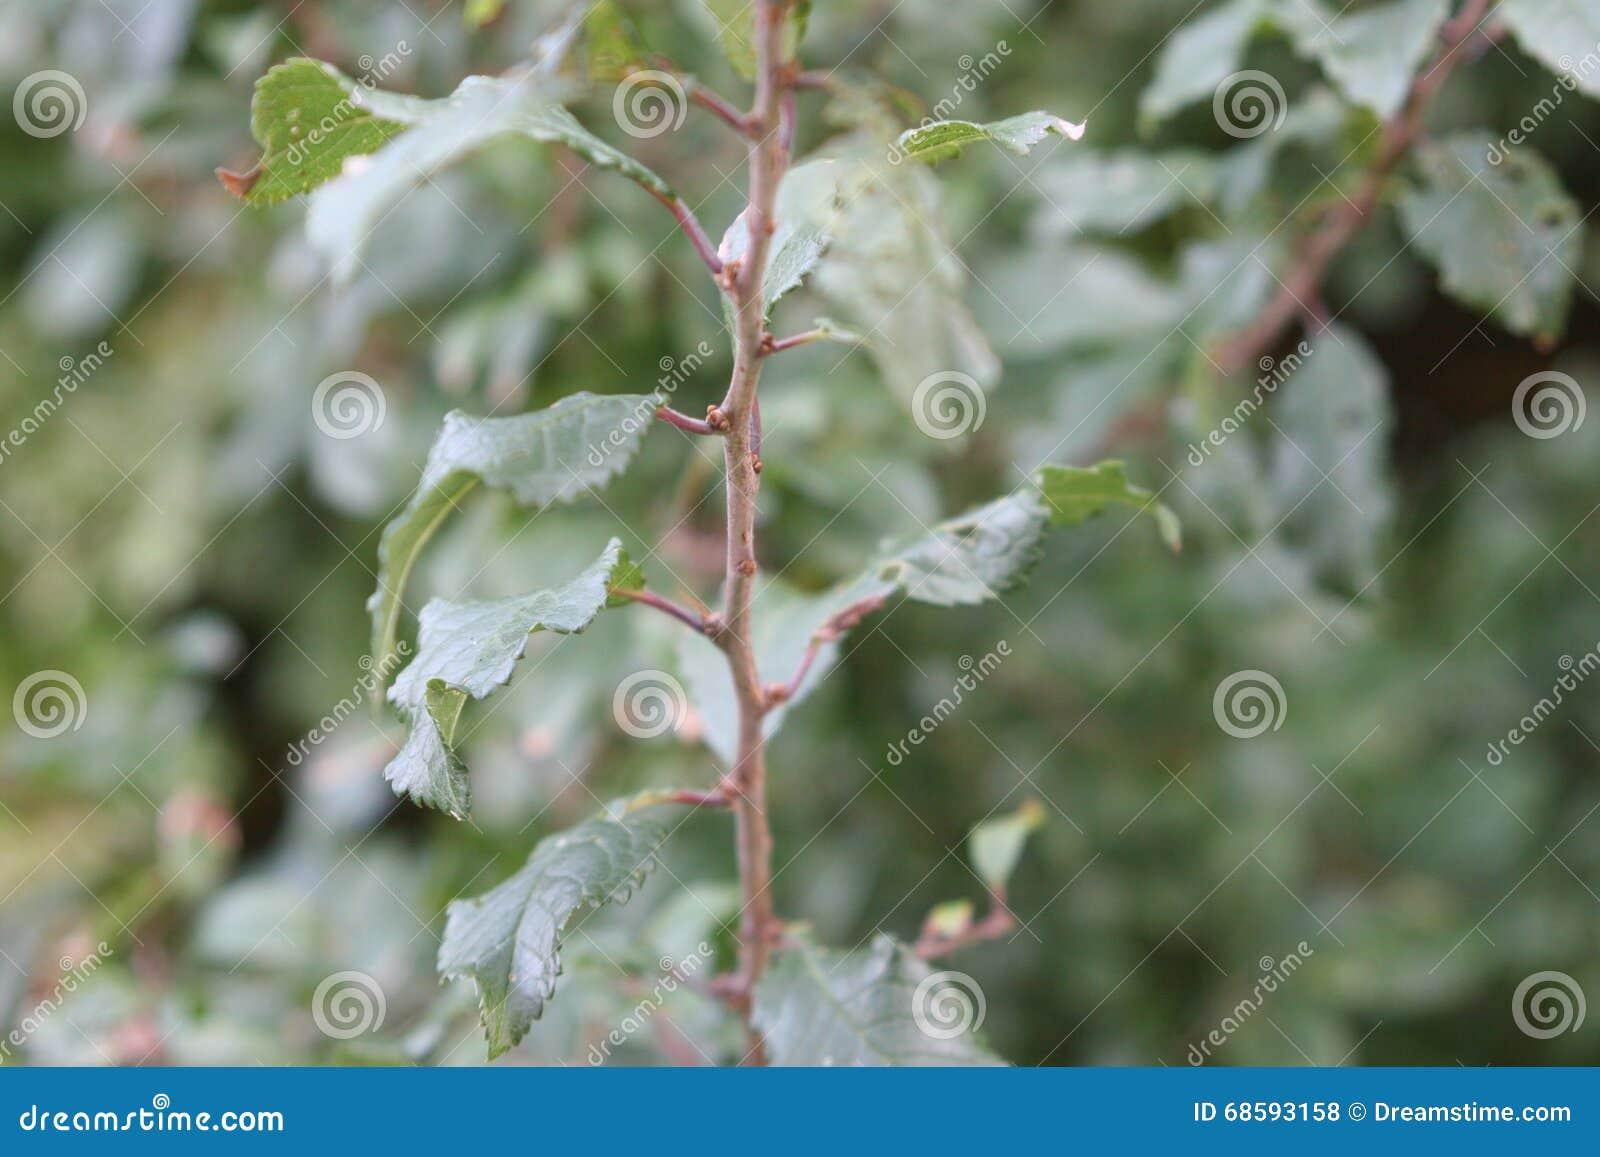 Folhas em um ramo de uma planta